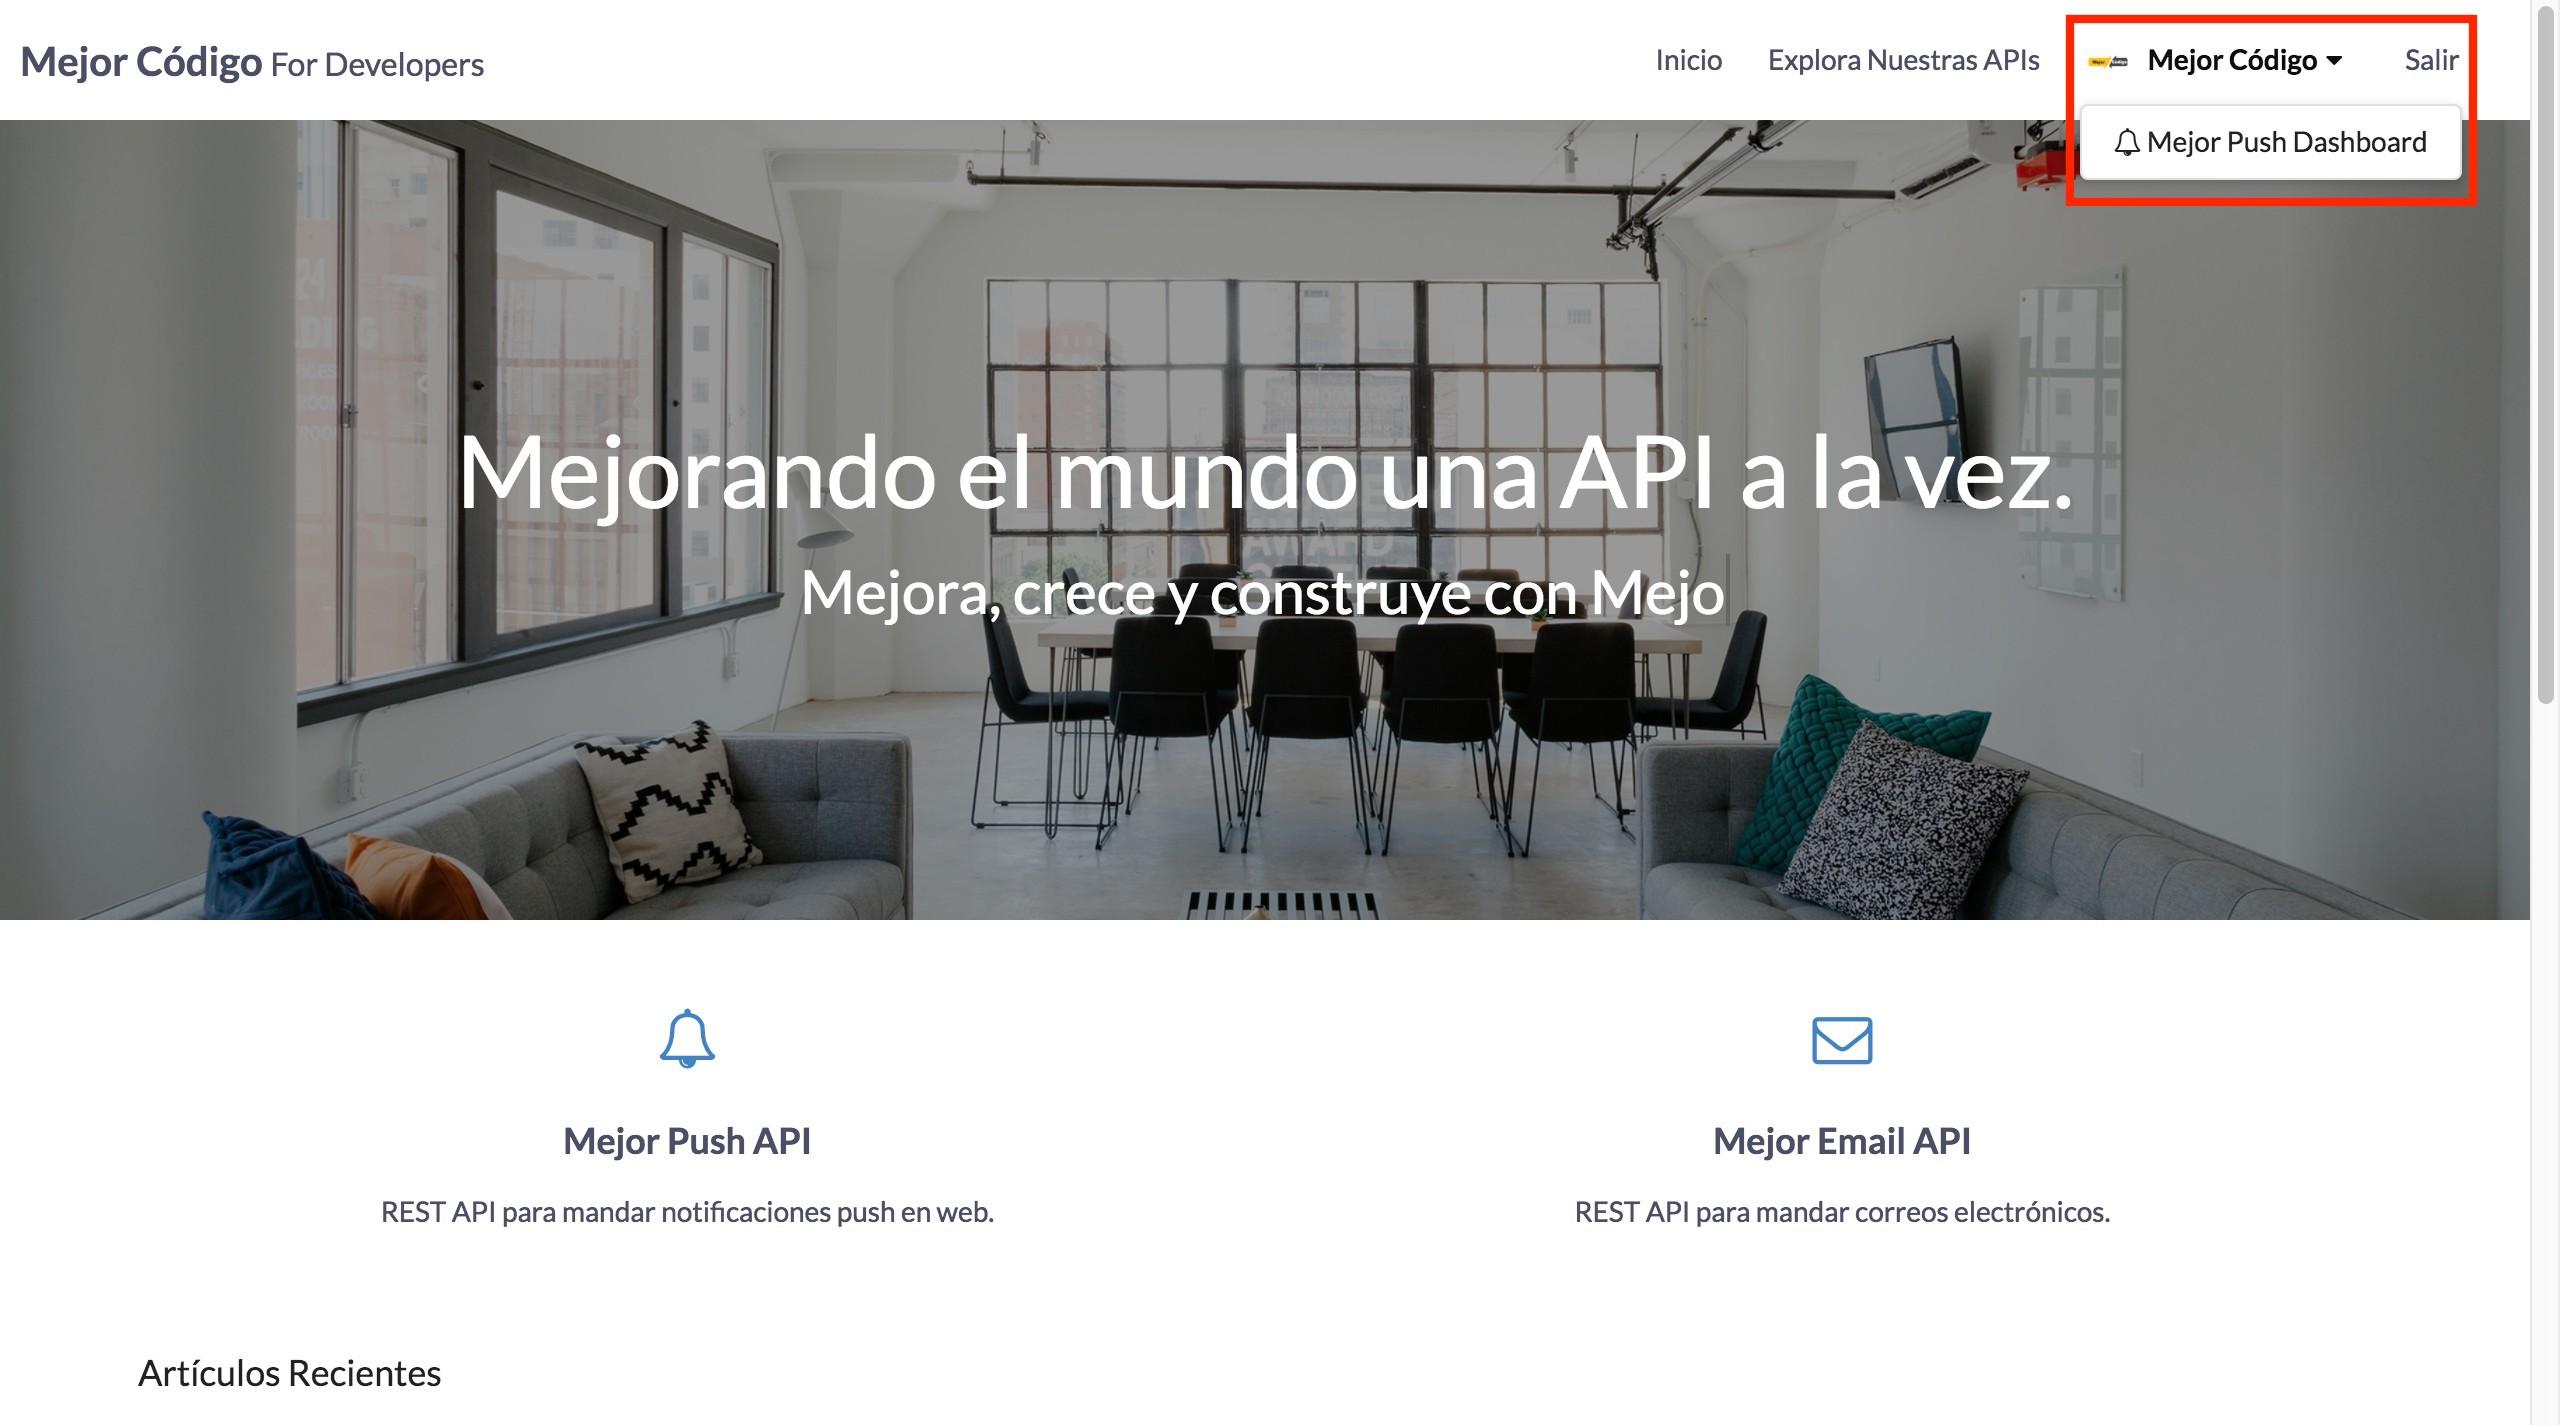 Mejor Código API